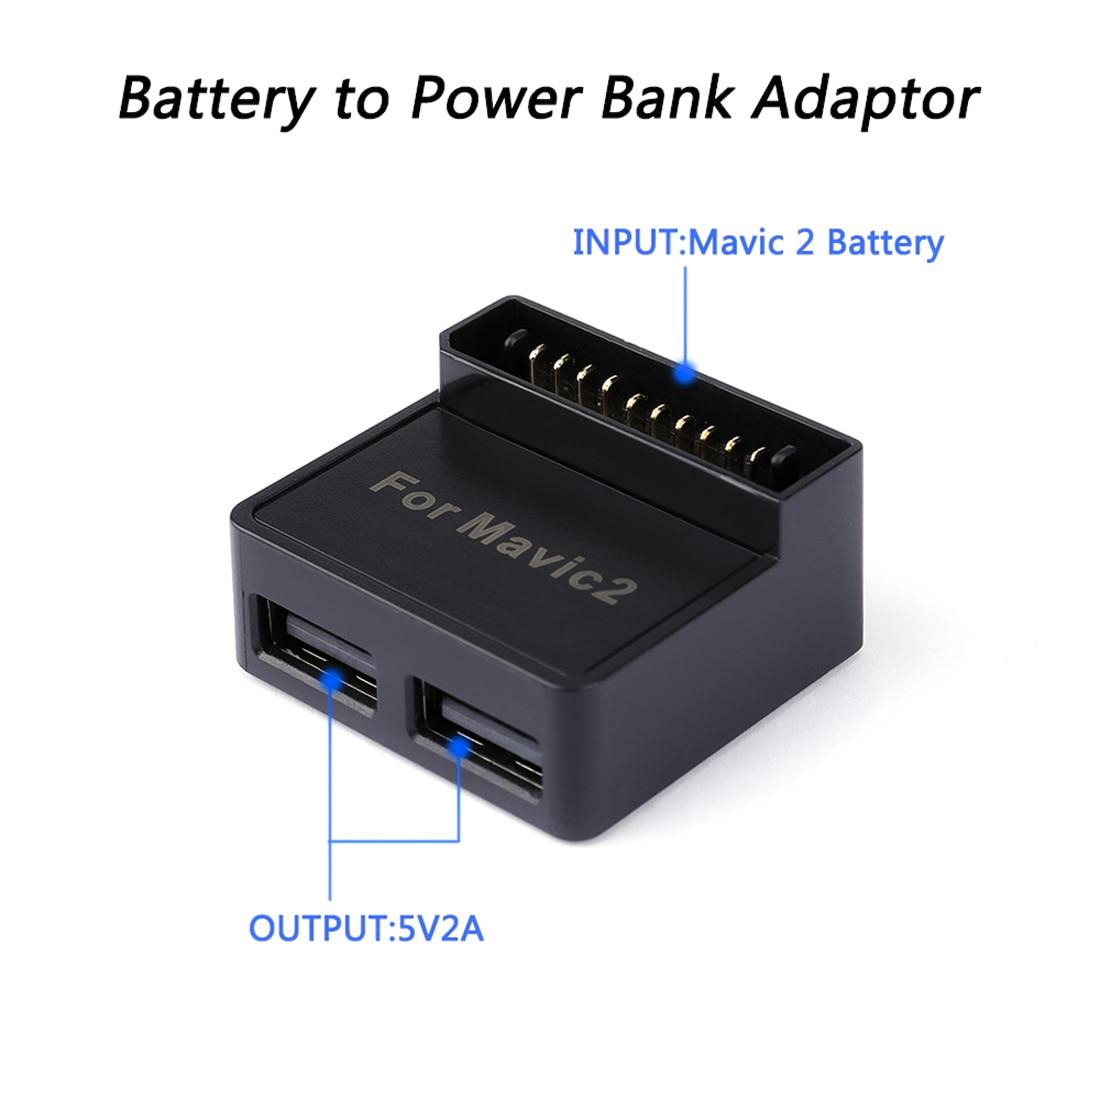 Блок питания с 2 USB двумя интерфейсами для DJI Mavic 2 Pro/Mavic 2 Zoom Drone мобильный телефон/пульт дистанционного управления